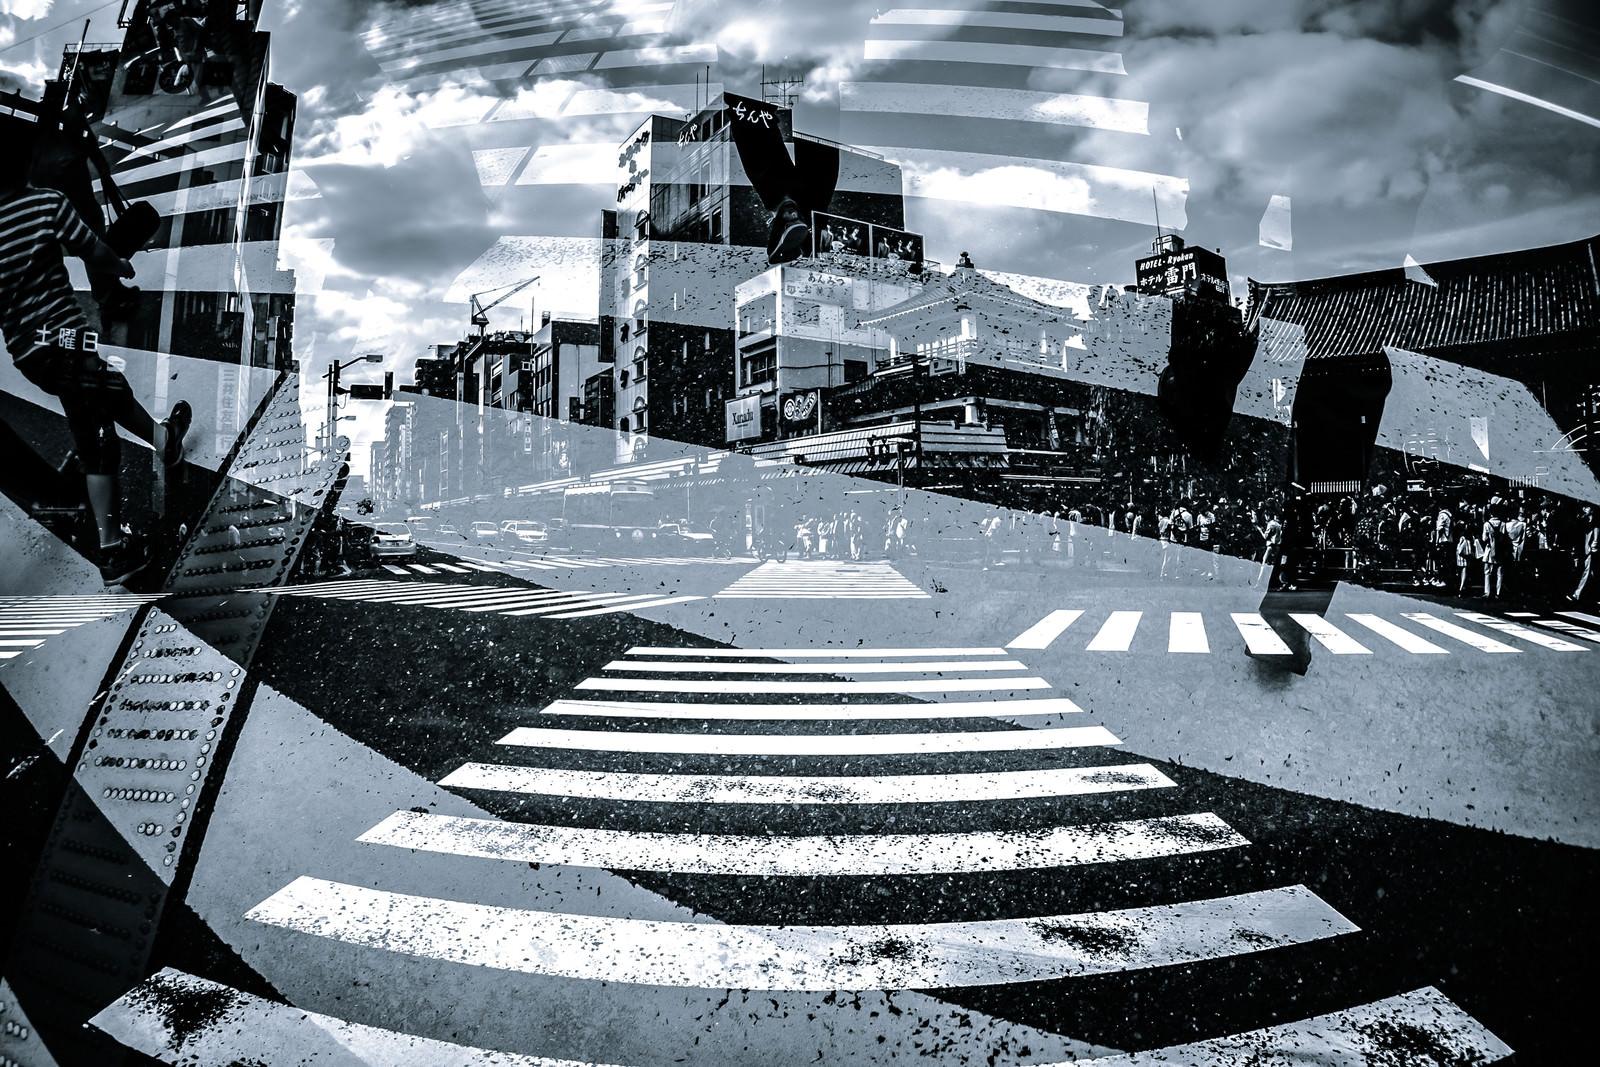 「下町と交差点(フォトモンタージュ)」の写真